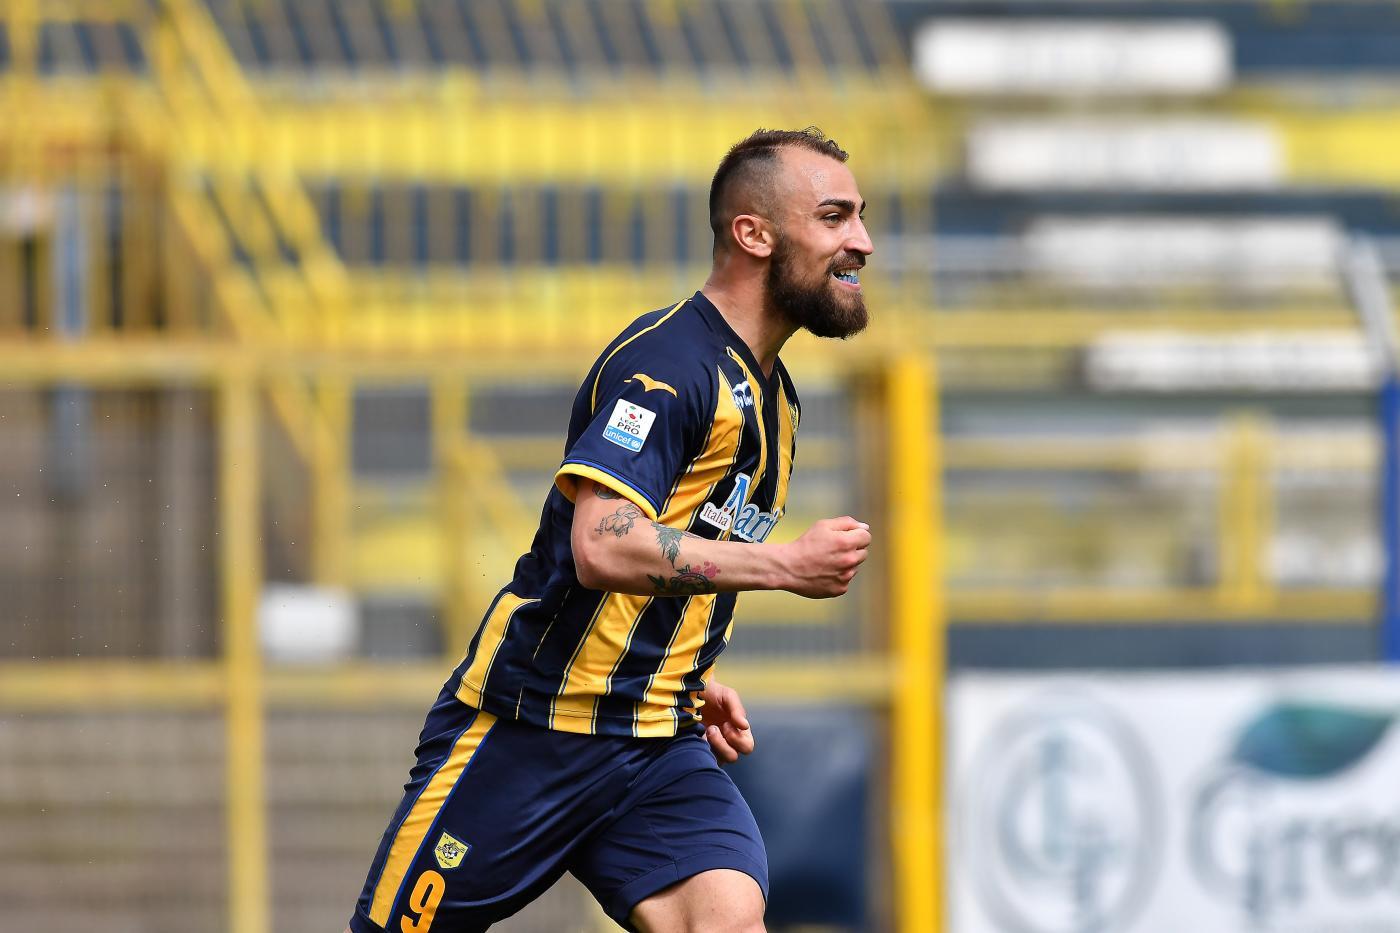 Serie C, Juve Stabia-Monopoli sabato 20 ottobre: analisi e pronsotico dell'ottava giornata della terza divisione italiana